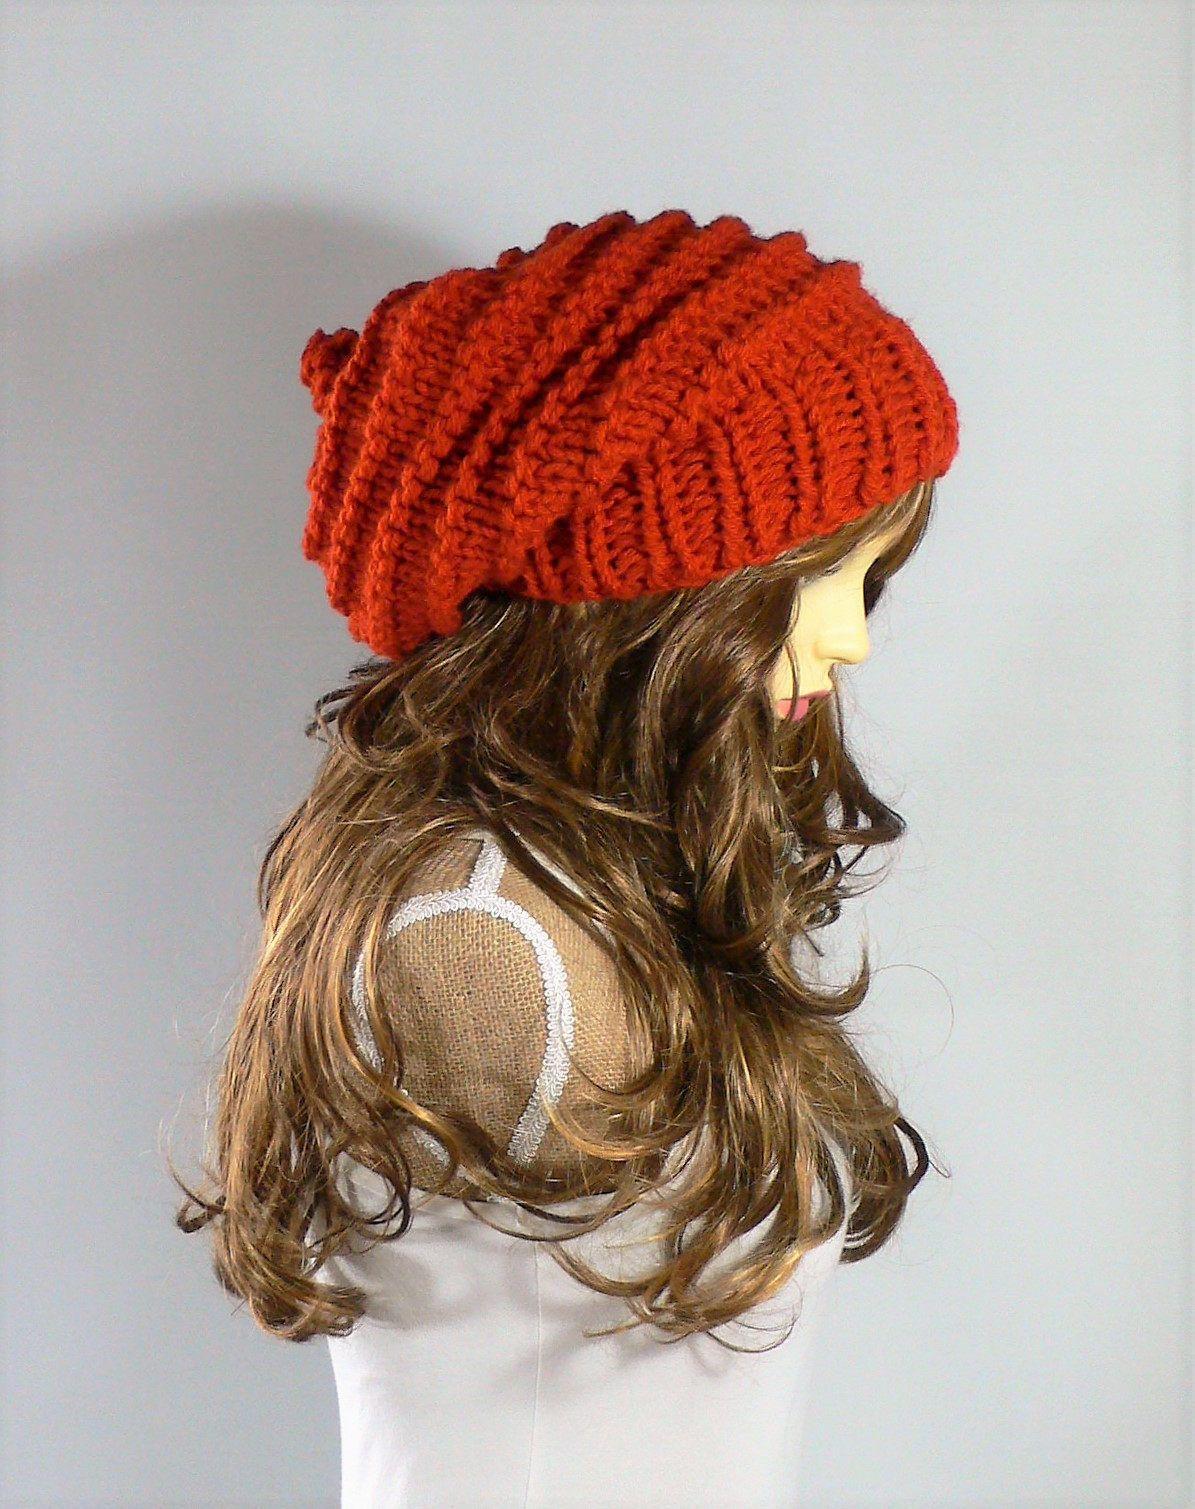 c908fd515e8 Hndmade hats by Rocking Pony in my  etsy shop  Knit Hat Women Orange Knit